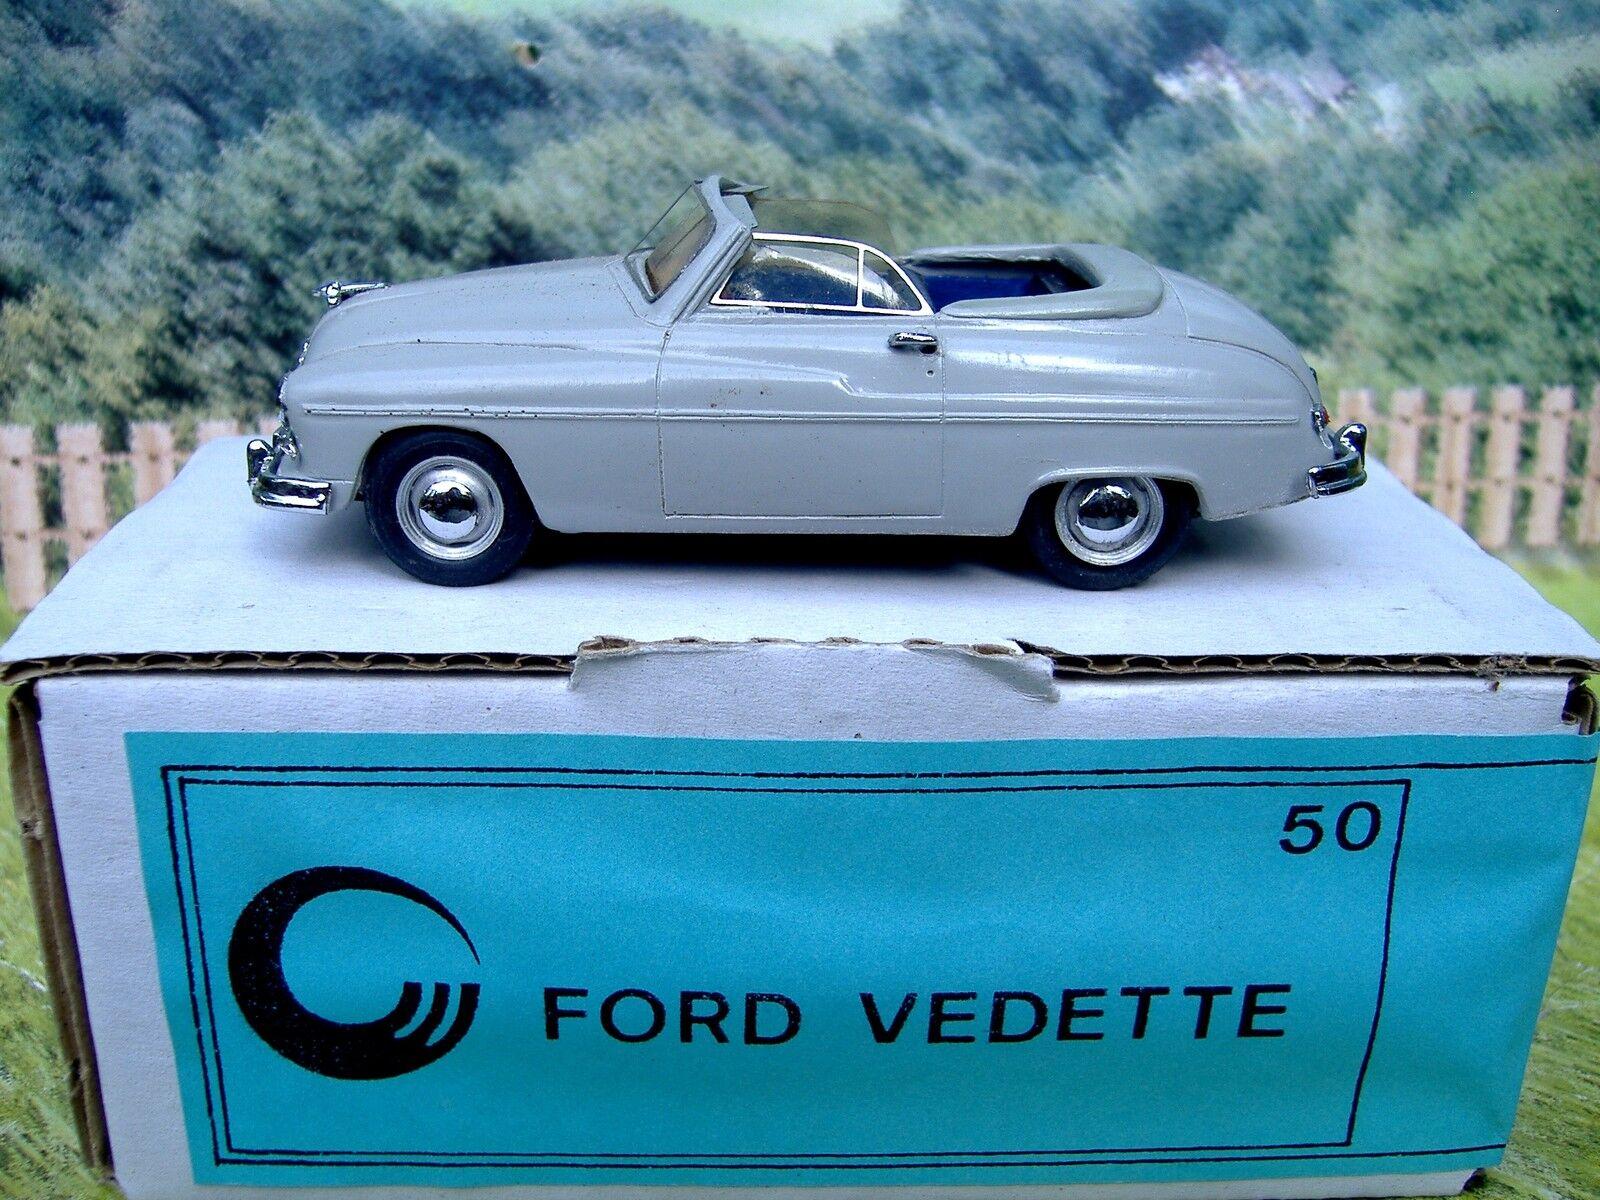 1 43 FCSGE (France) FORD VEDETTE 1951  50